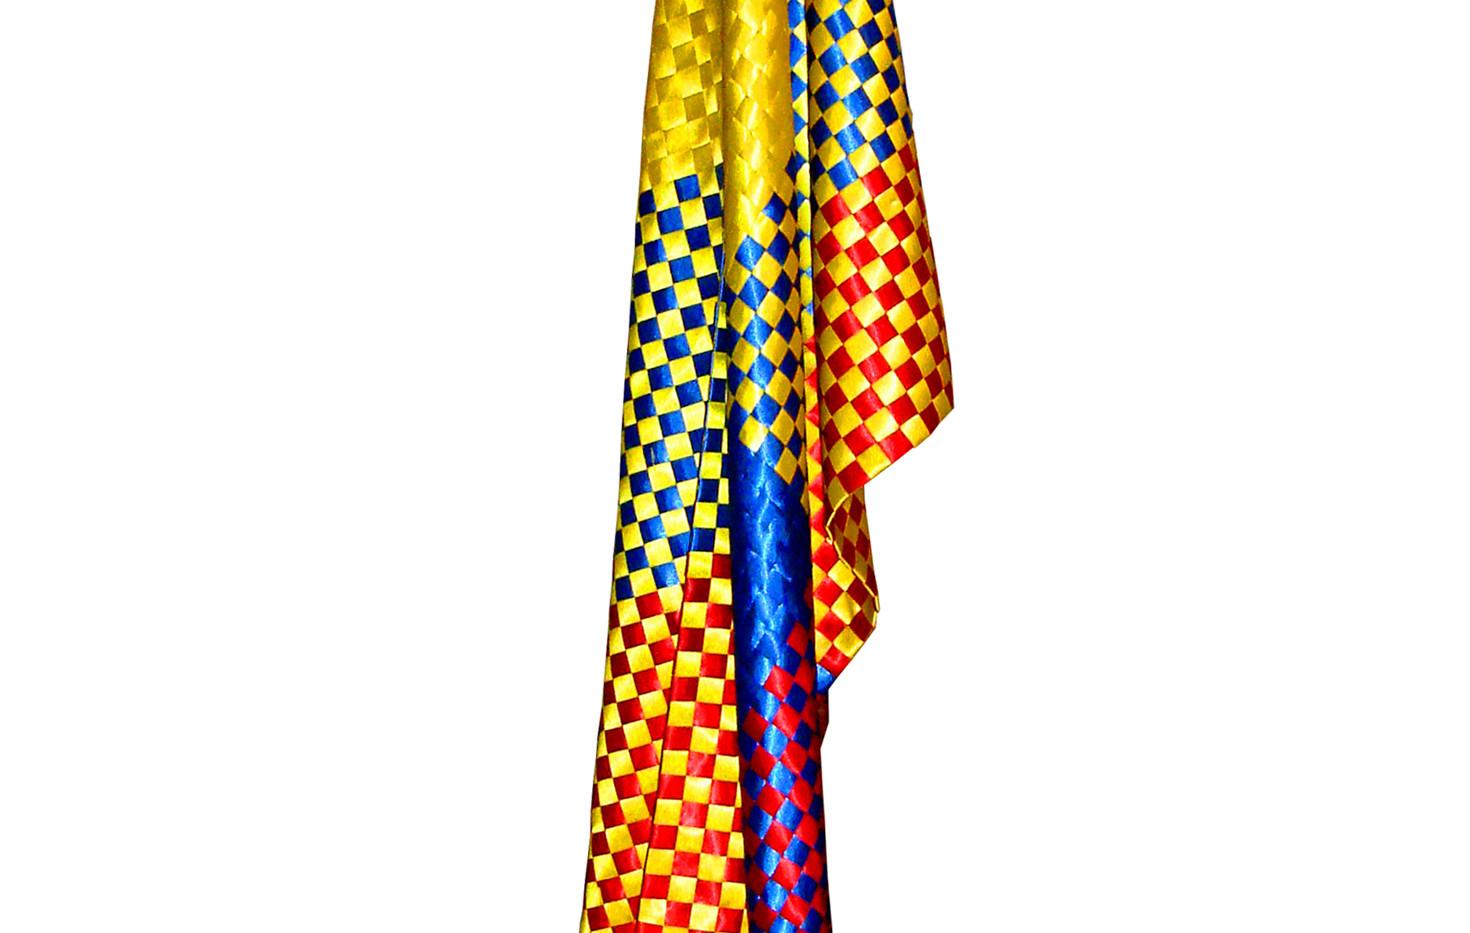 BANDERA COLOMBIANA (300 DPI).jpg